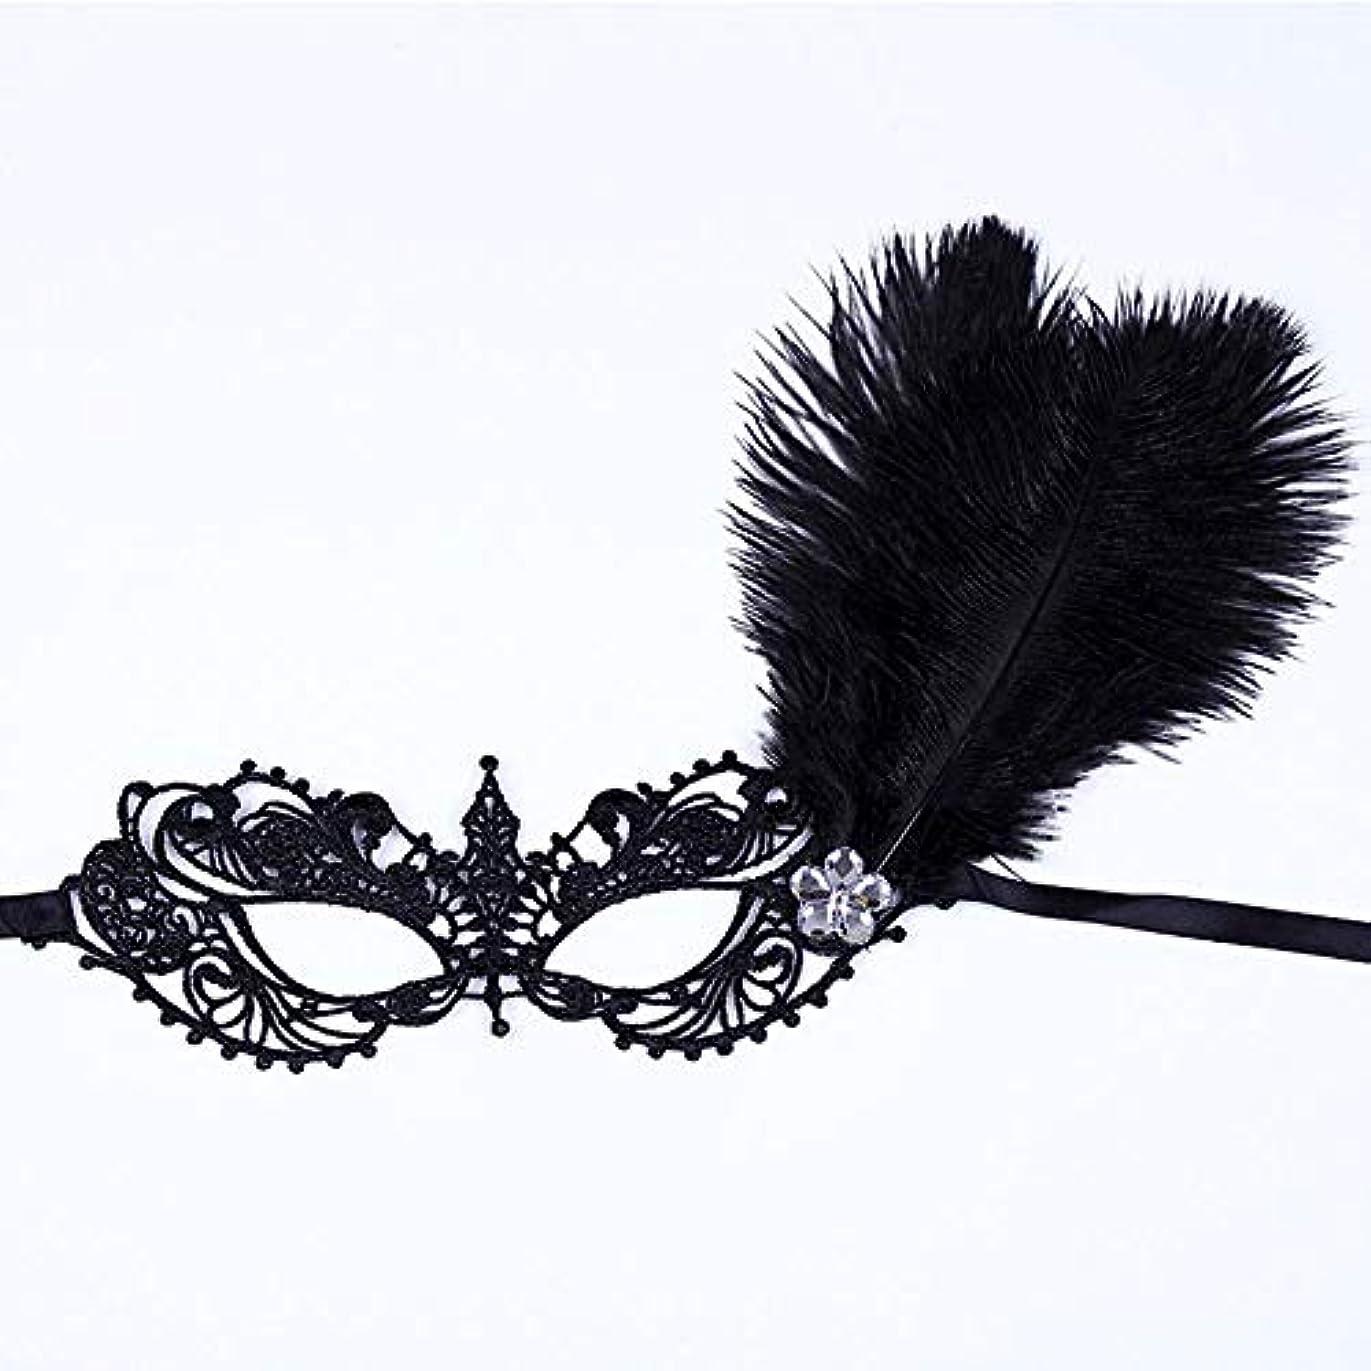 ナイロン民主主義デザート仮面舞踏会の羽レースマスクキャットウォークパーティーセクシーなハロウィーンマスクブラック